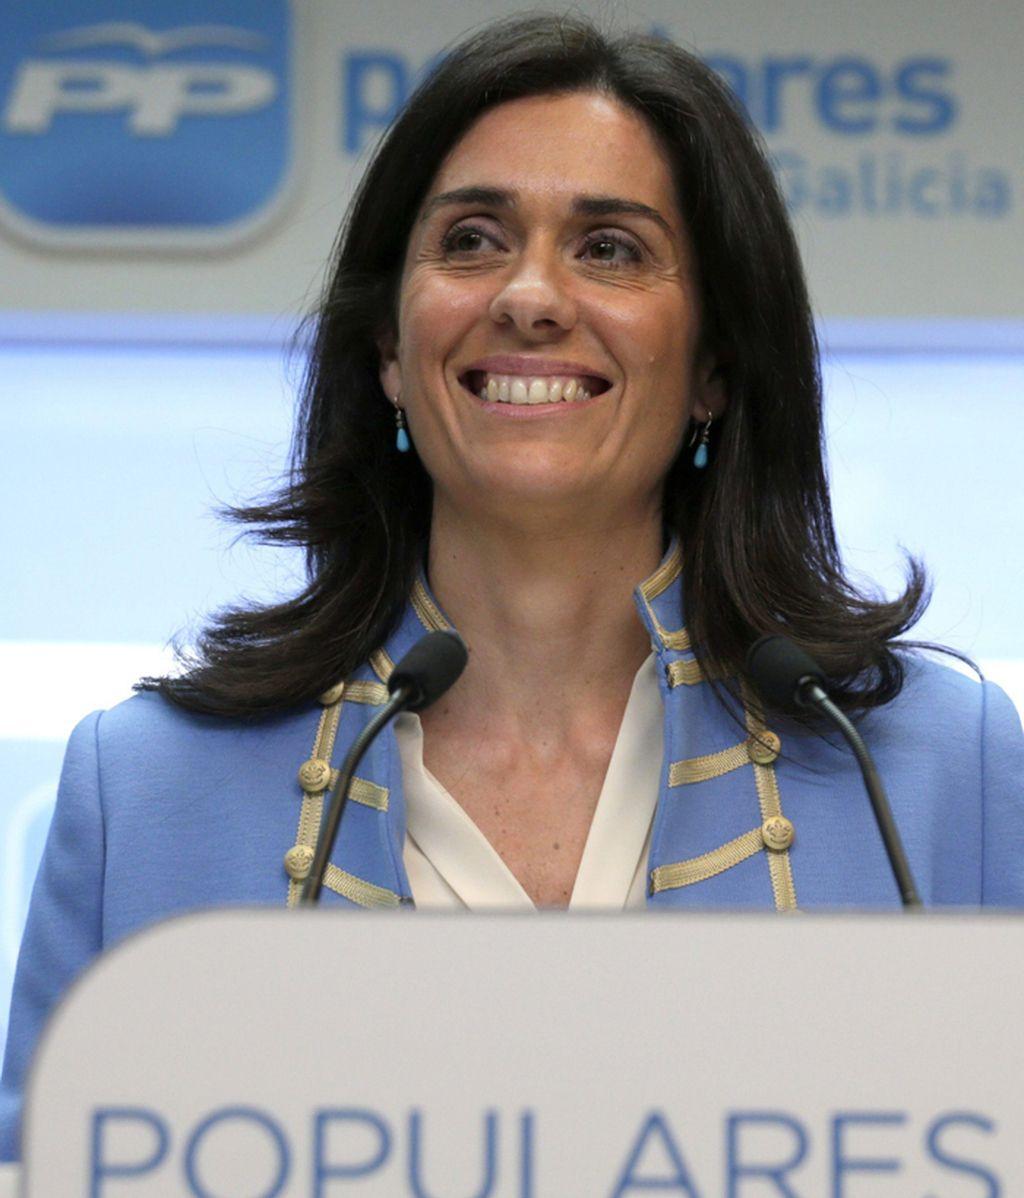 Dimite la portavoz del PP de Galicia por su relación con la trama corrupta Pokemon